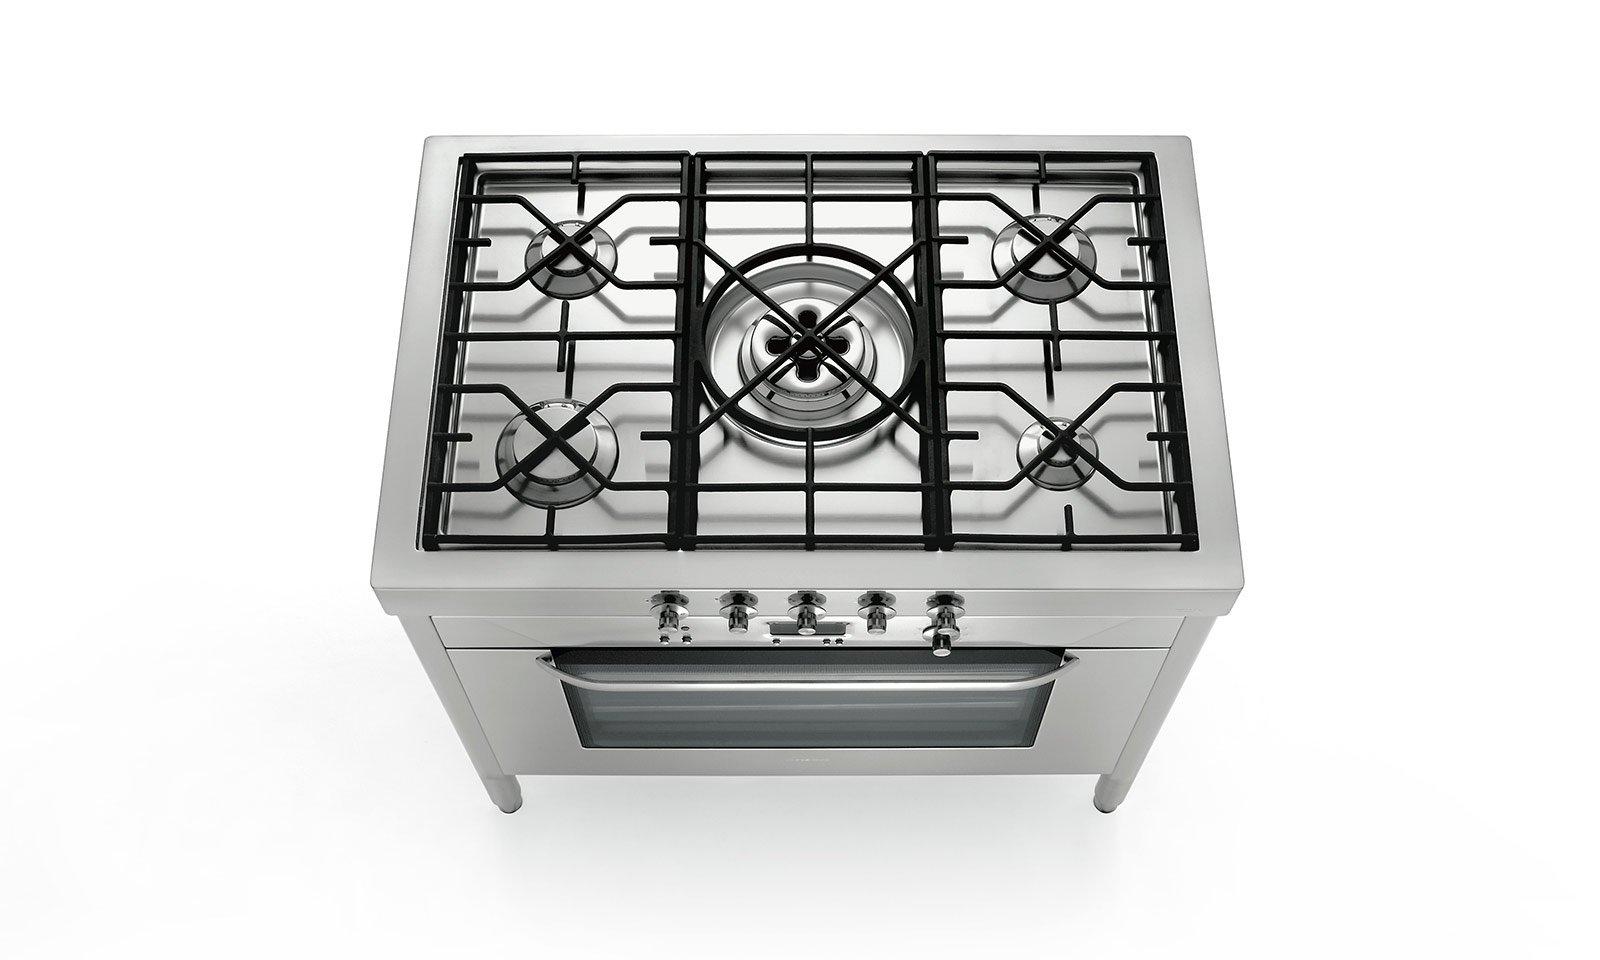 cucina monoblocco: piano cottura e forno tutto in uno ... - Steel Cucine Prezzi